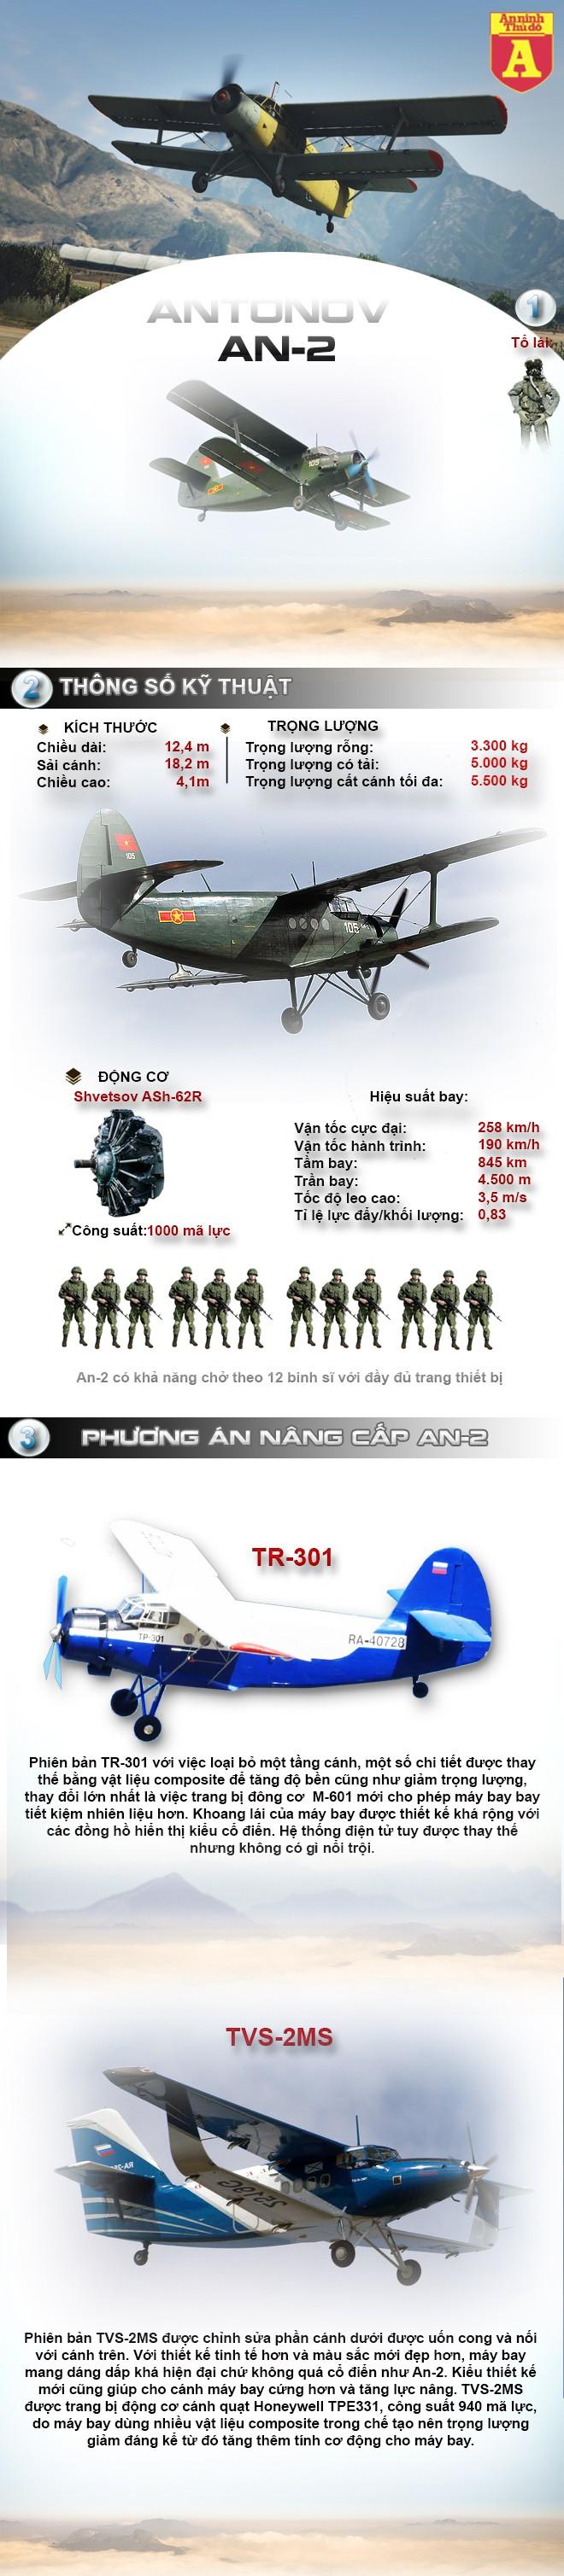 [Infographic] Đây là phiên bản Việt Nam sẽ nâng cấp cho An-2? ảnh 1